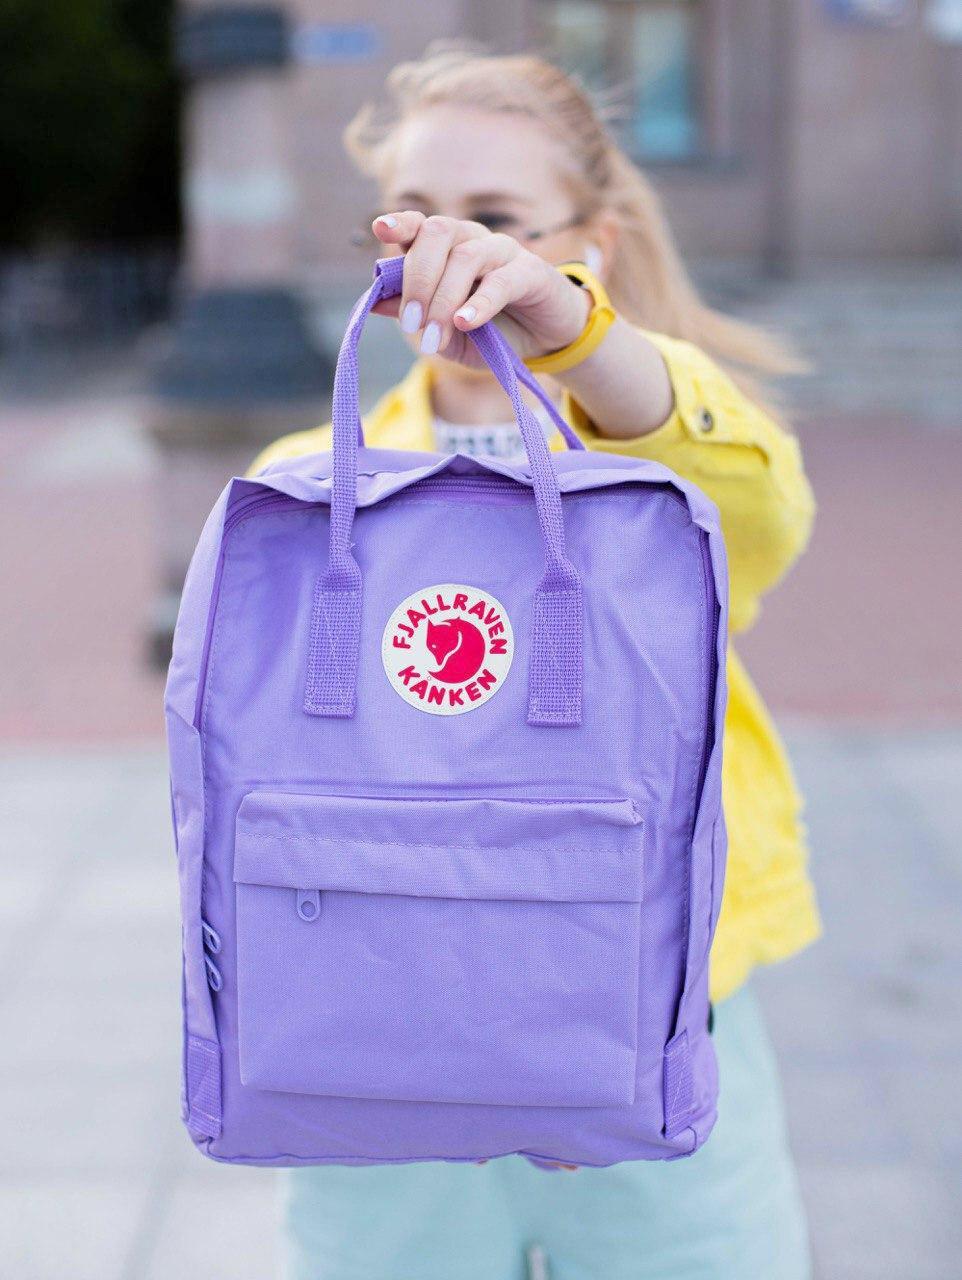 Рюкзак сумка Fjallraven Kanken classic 16 л. канкен классик сиреневый женский, для девочки подростка